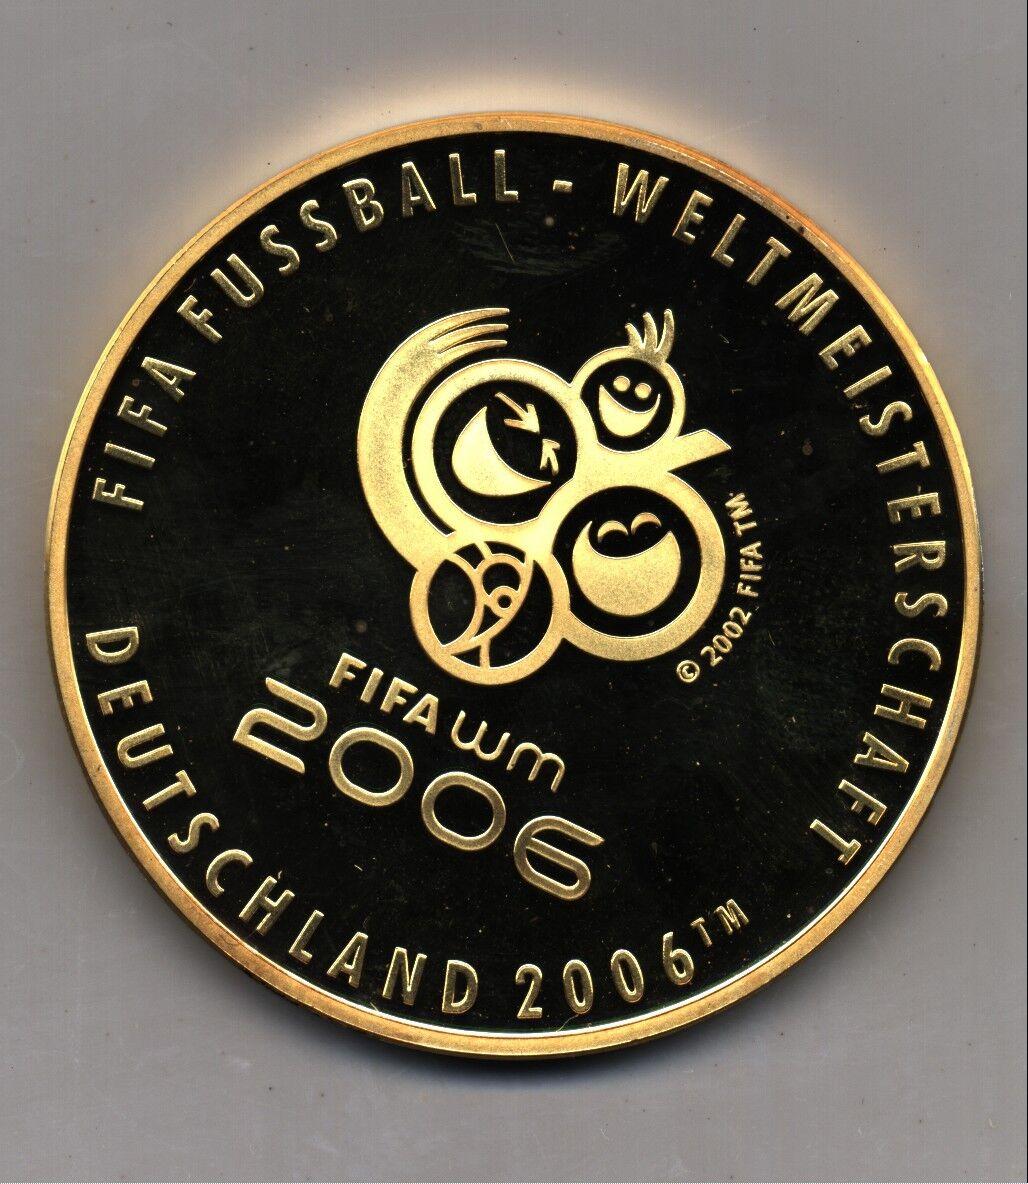 Oficial Fútbol Copa del Mundo 2006 Dorado oro Medalla Moneda De Plata De Alemania